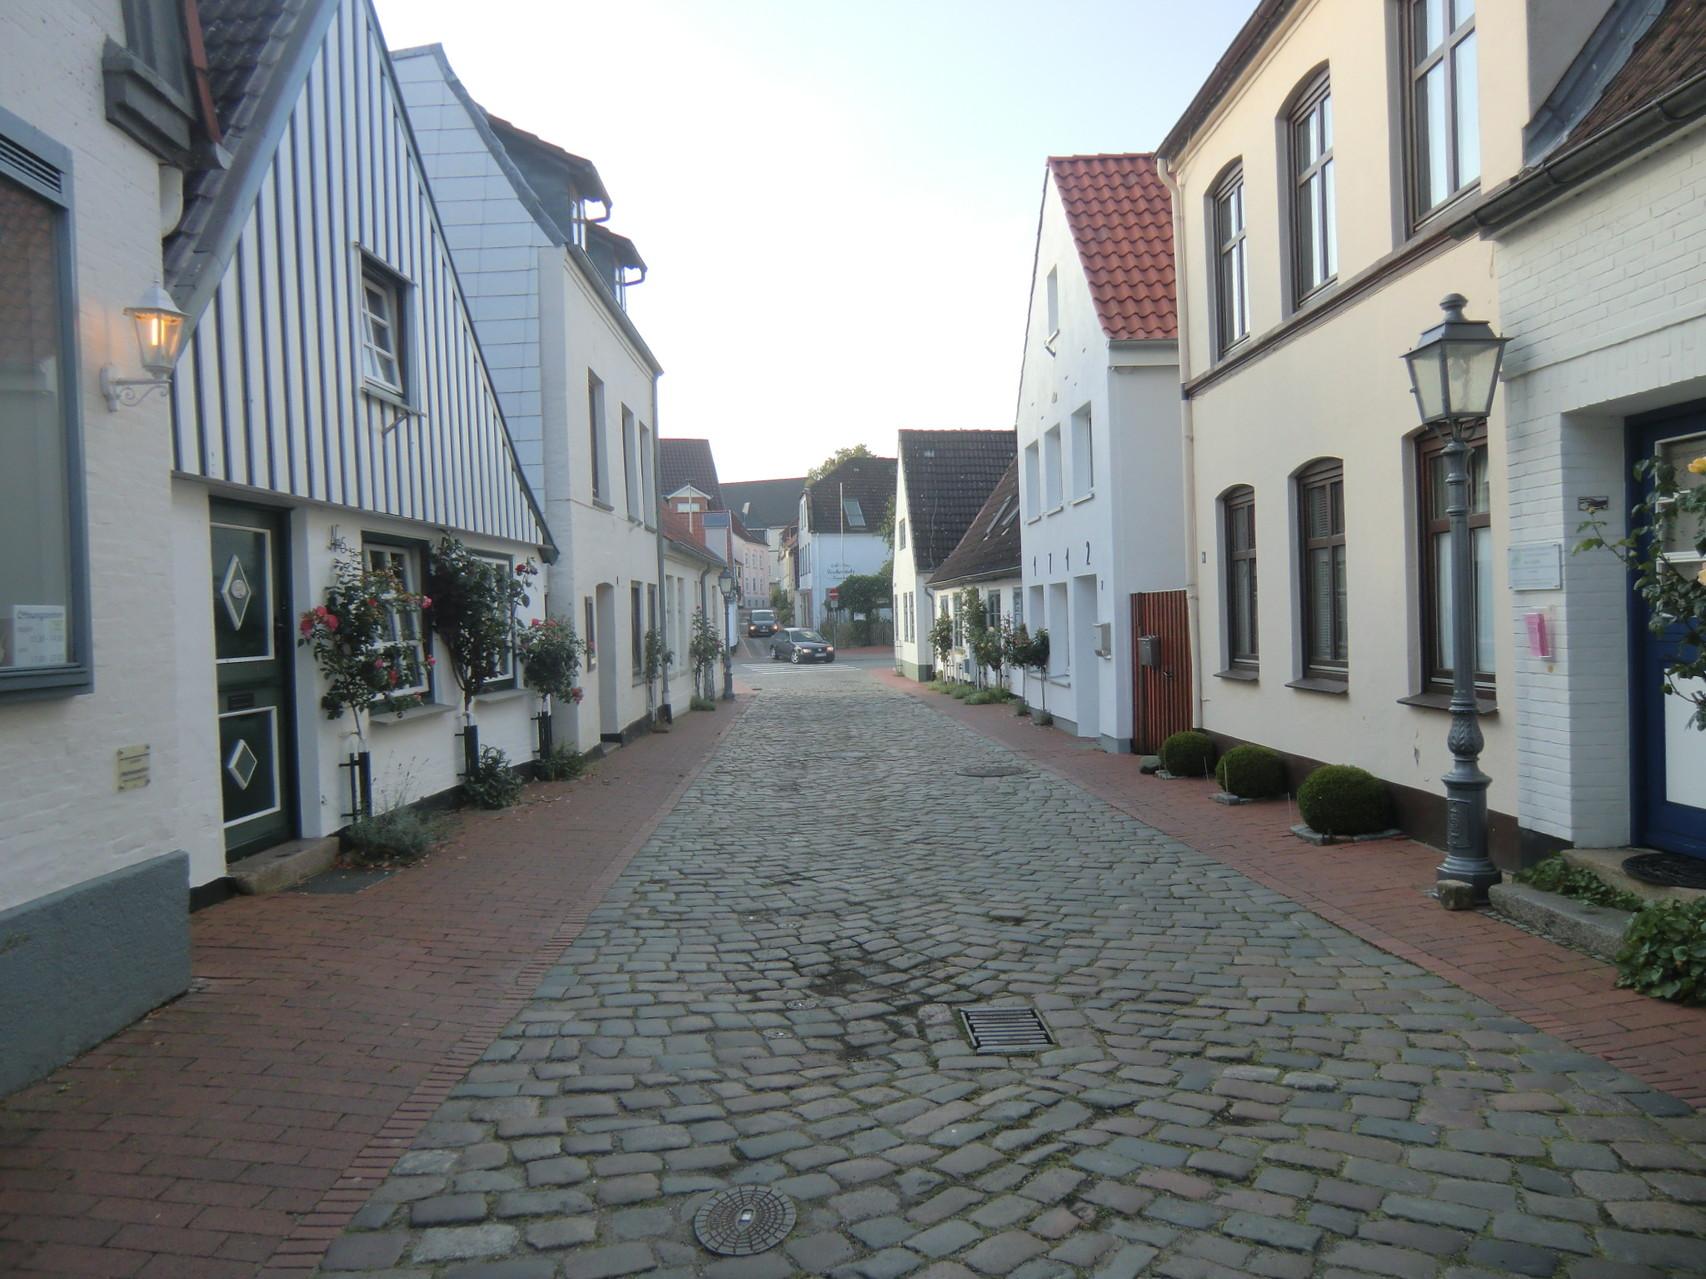 Das alte Fischerdorf nennt sich Holm